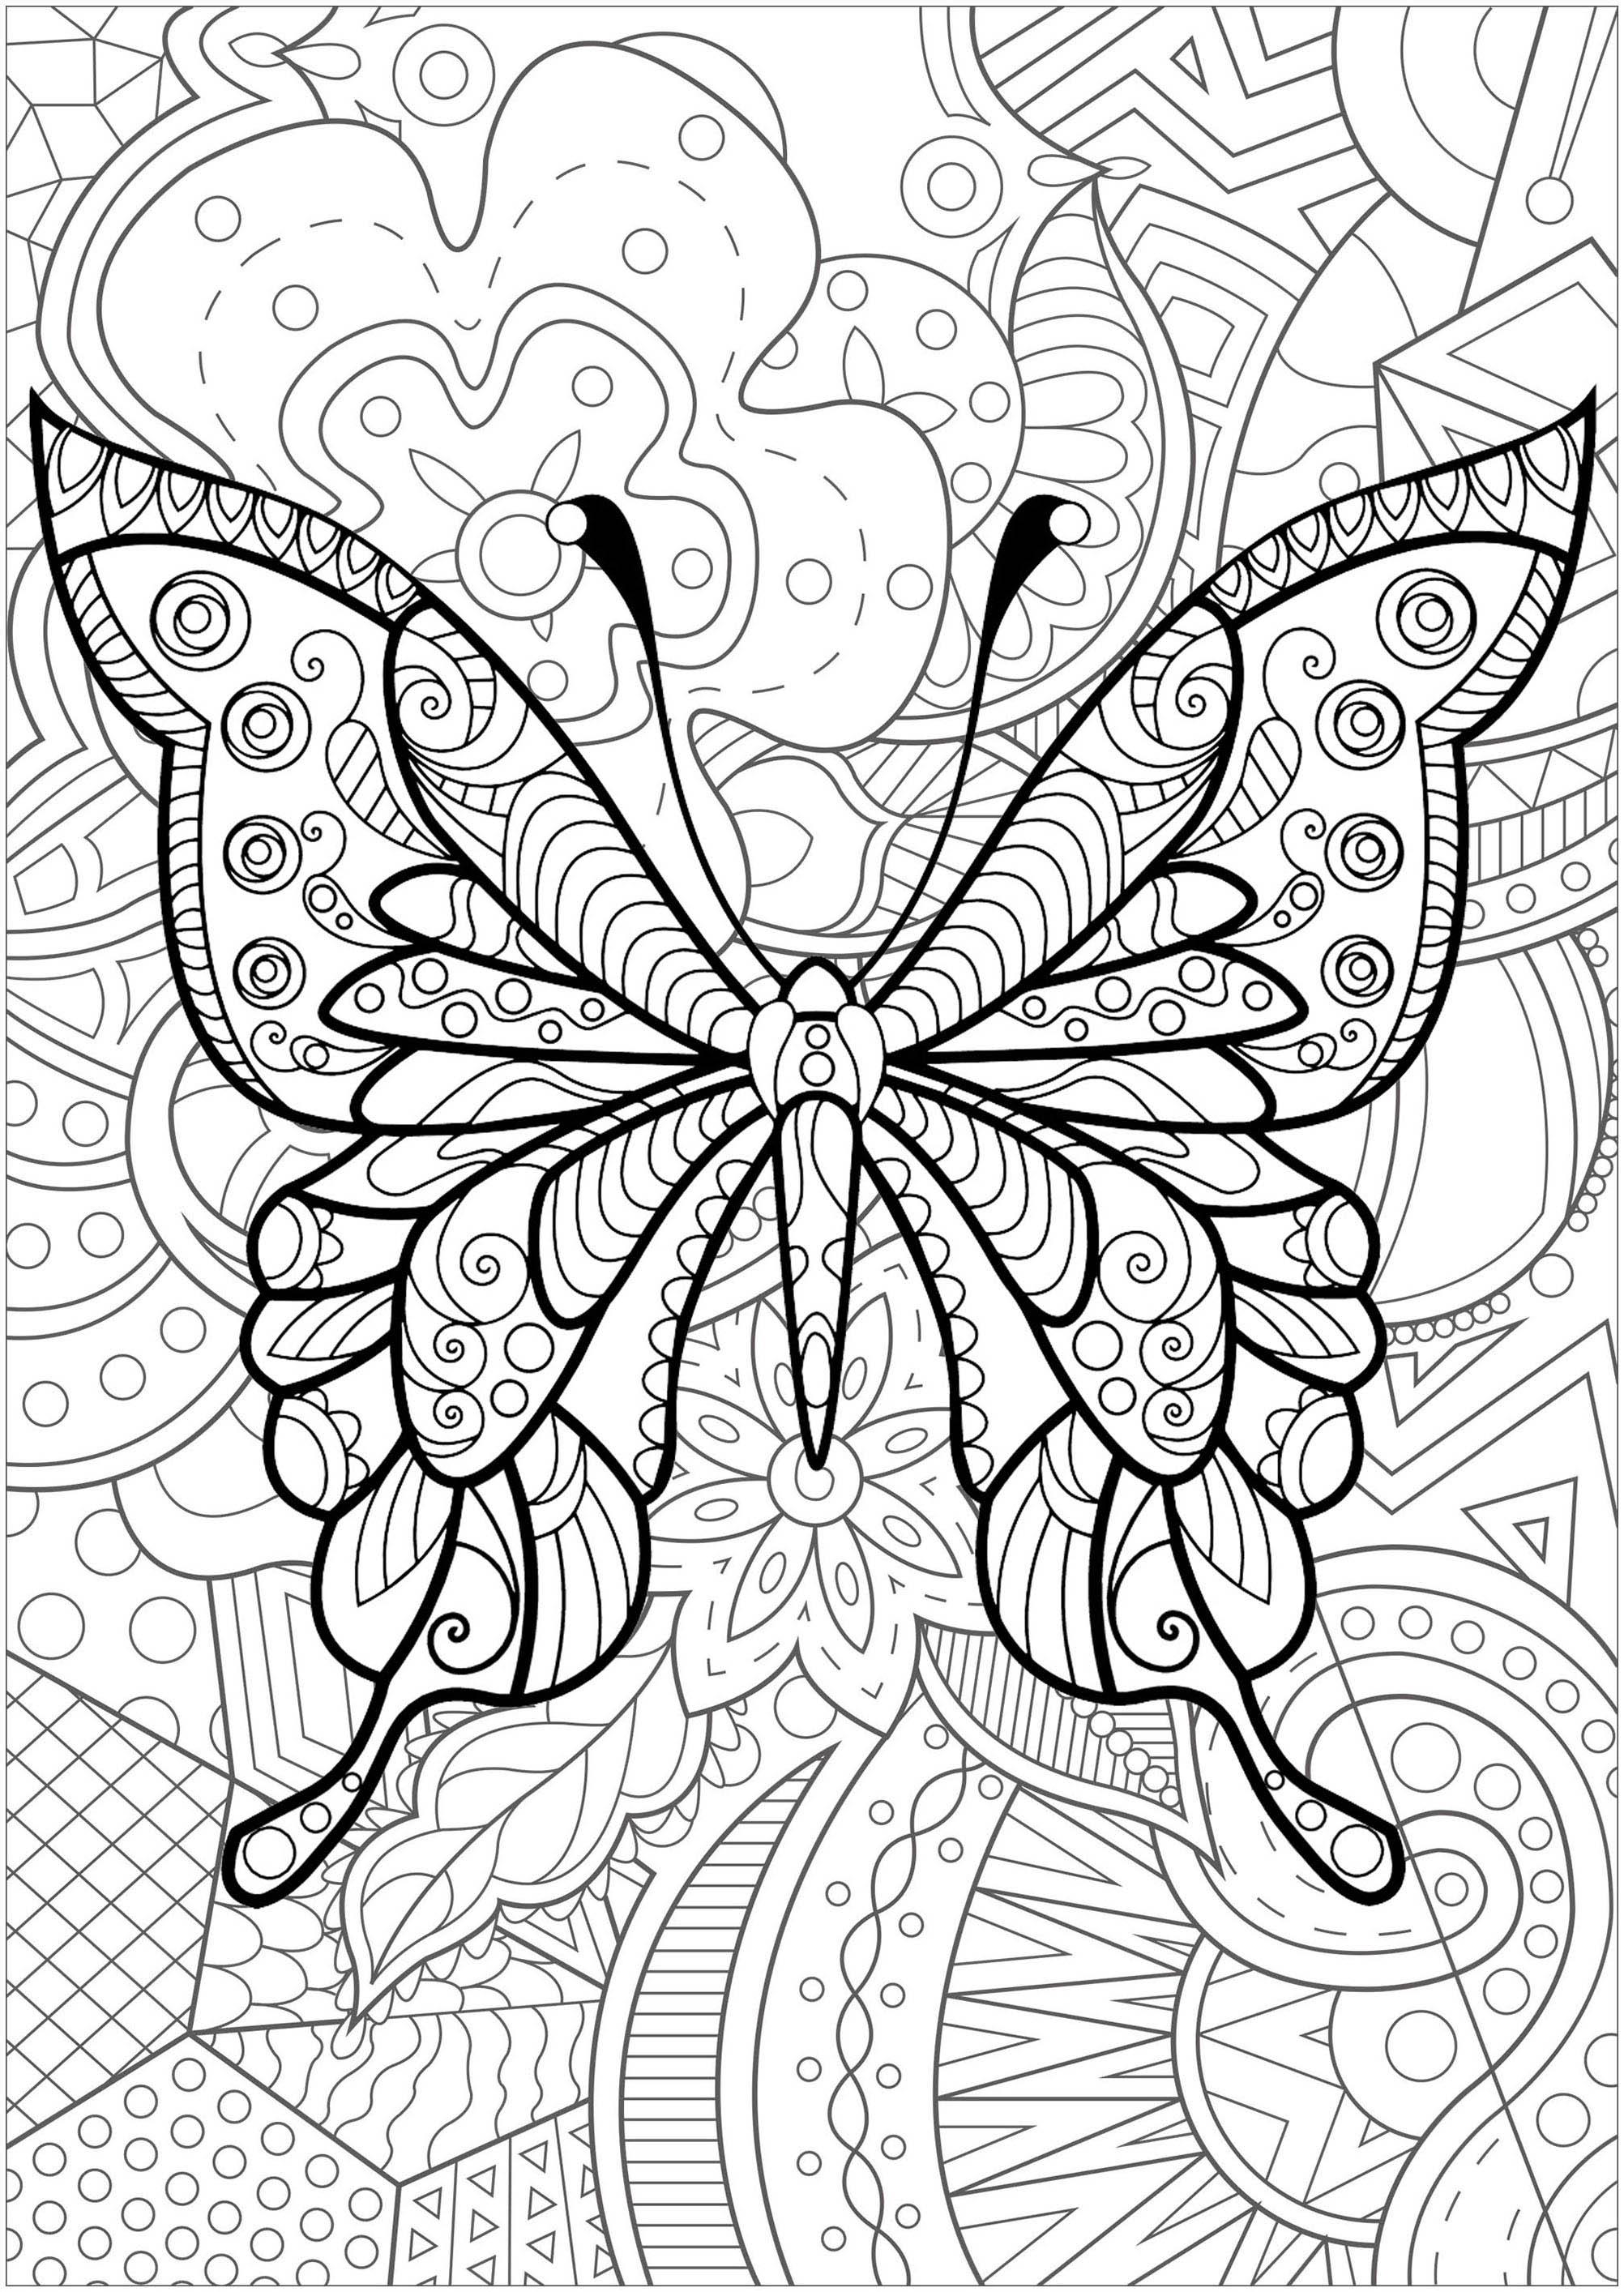 Colorear para Adultos : Mariposas e insectos - 4